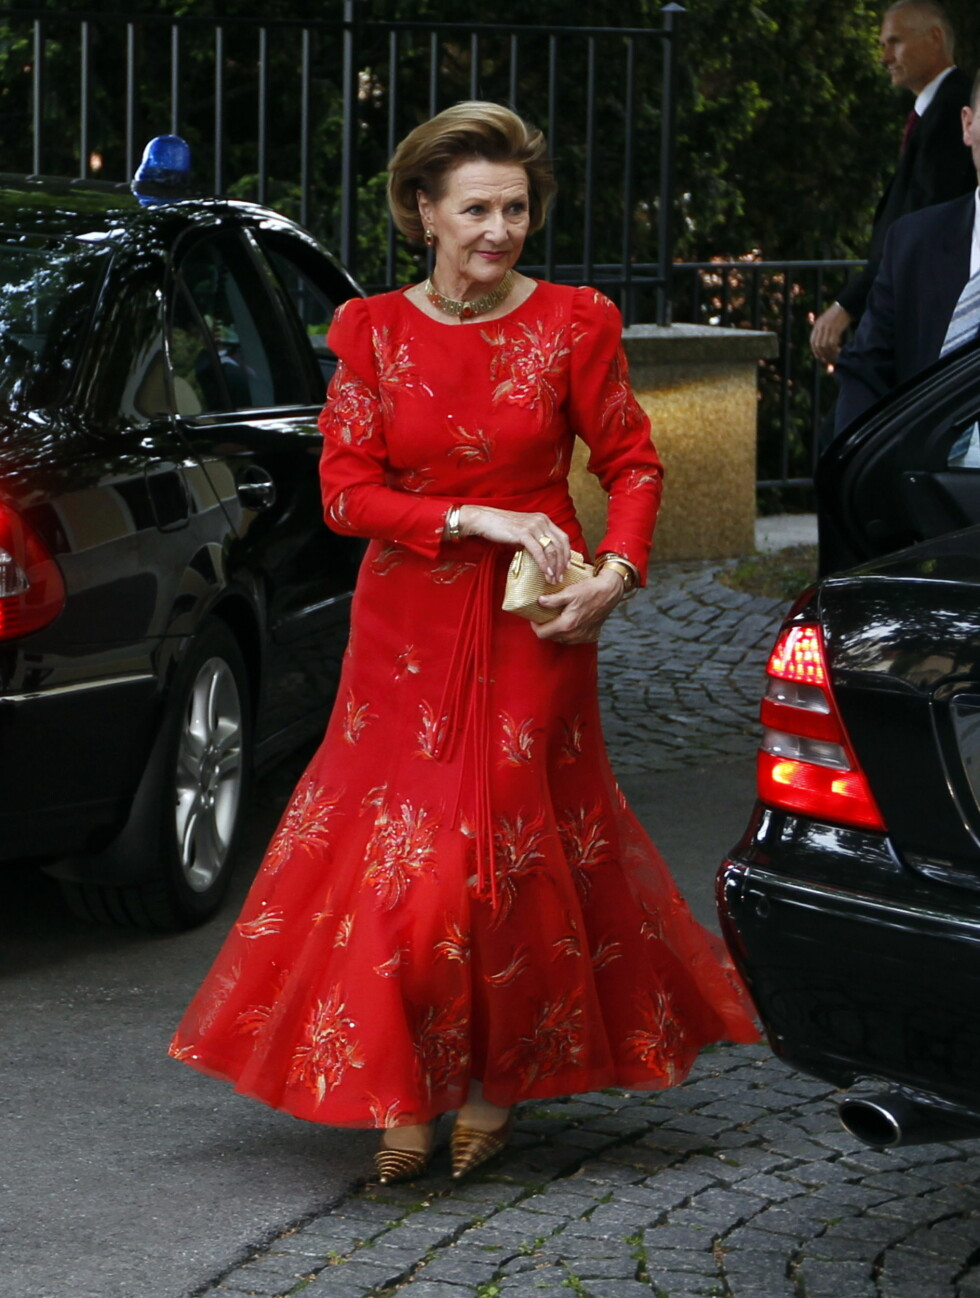 <strong>MOTEFORBILDE:</strong> Dronning Sonja er kjent for sin kreative og modige stilsans, og elsker å ikle seg røde antrekk som tiltrekker seg oppmerksomhet. Her fra et statsbesøk i Kroatia i 2011. Foto: NTB scanpix